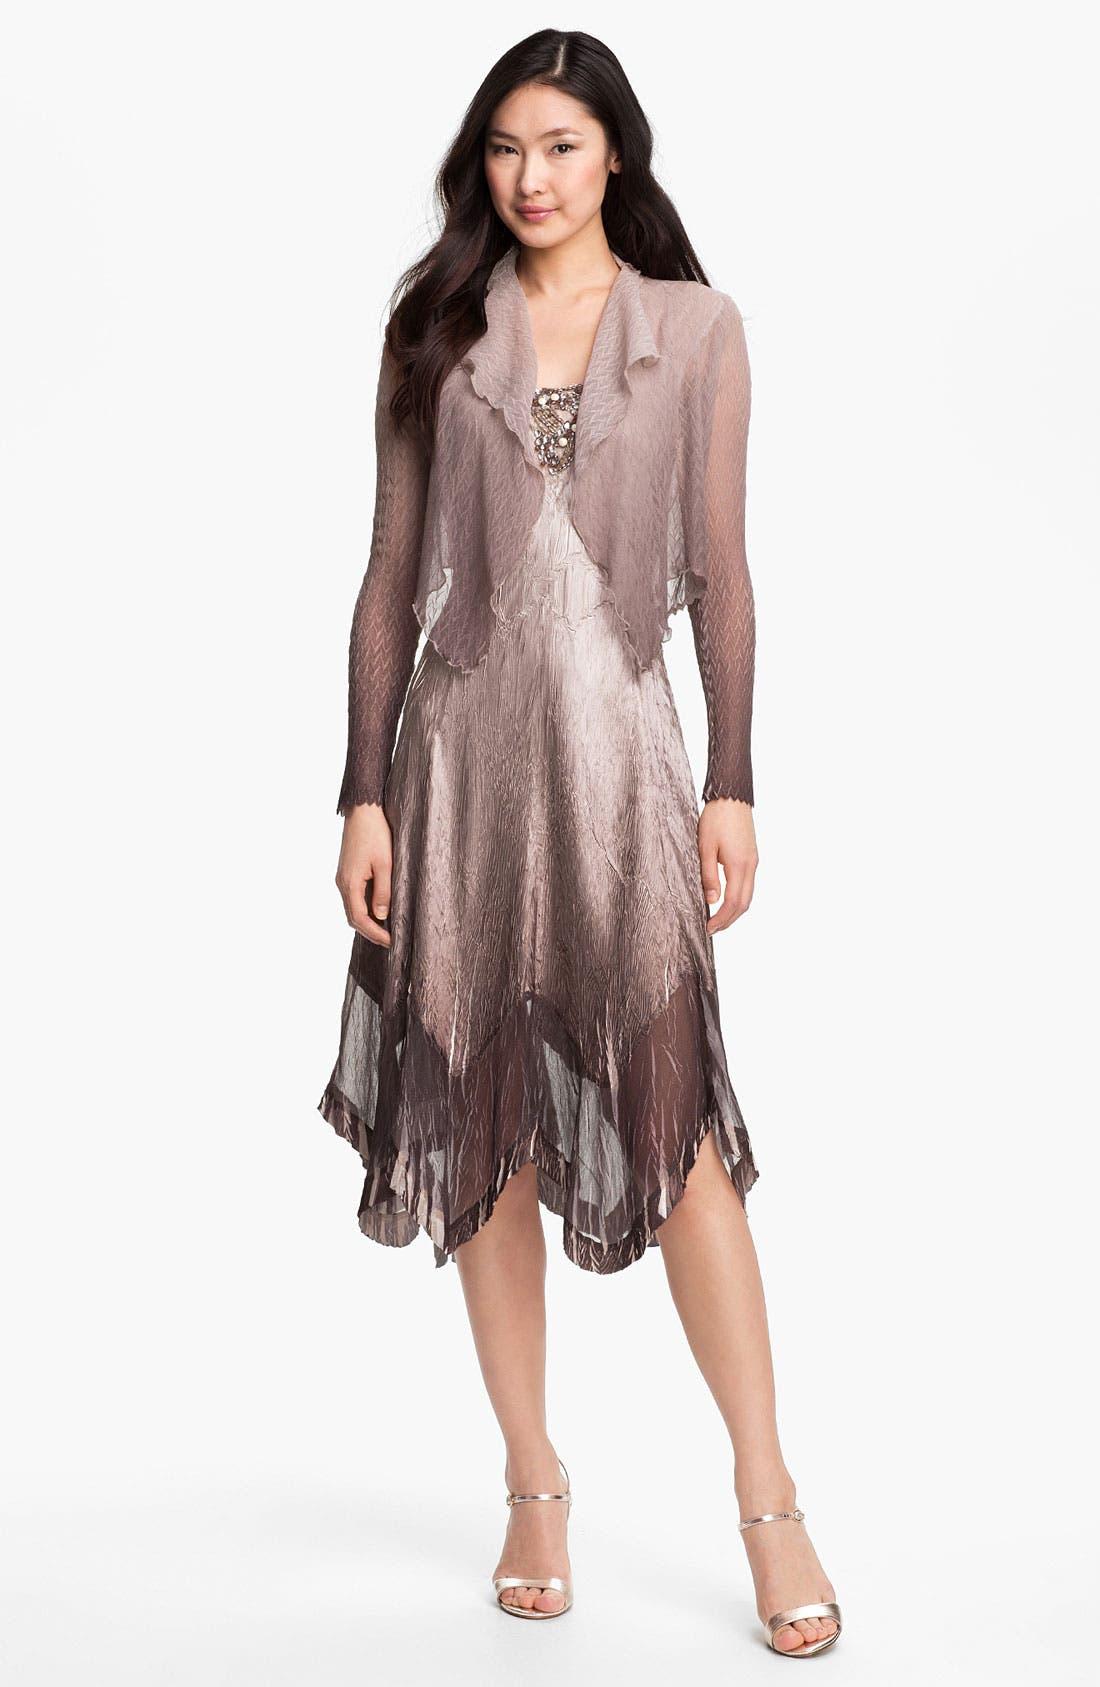 Alternate Image 1 Selected - Komarov Embellished Charmeuse Dress & Jacket